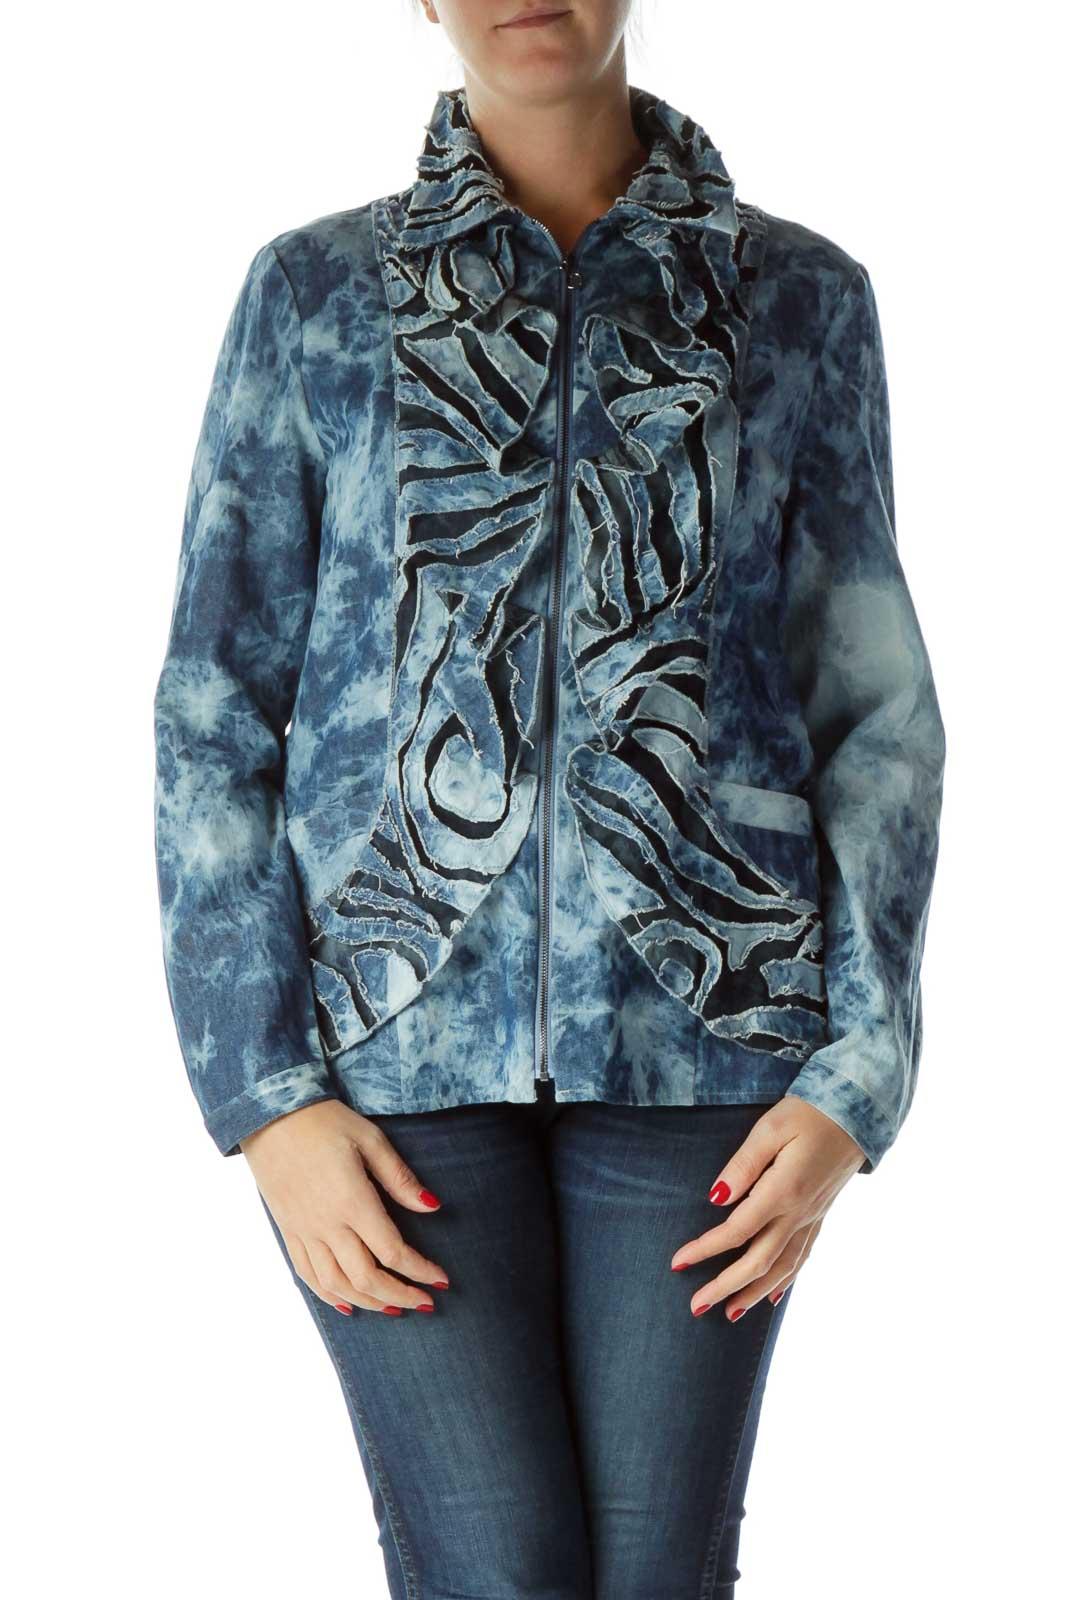 Blue Tie Dye Denim Jacket Front